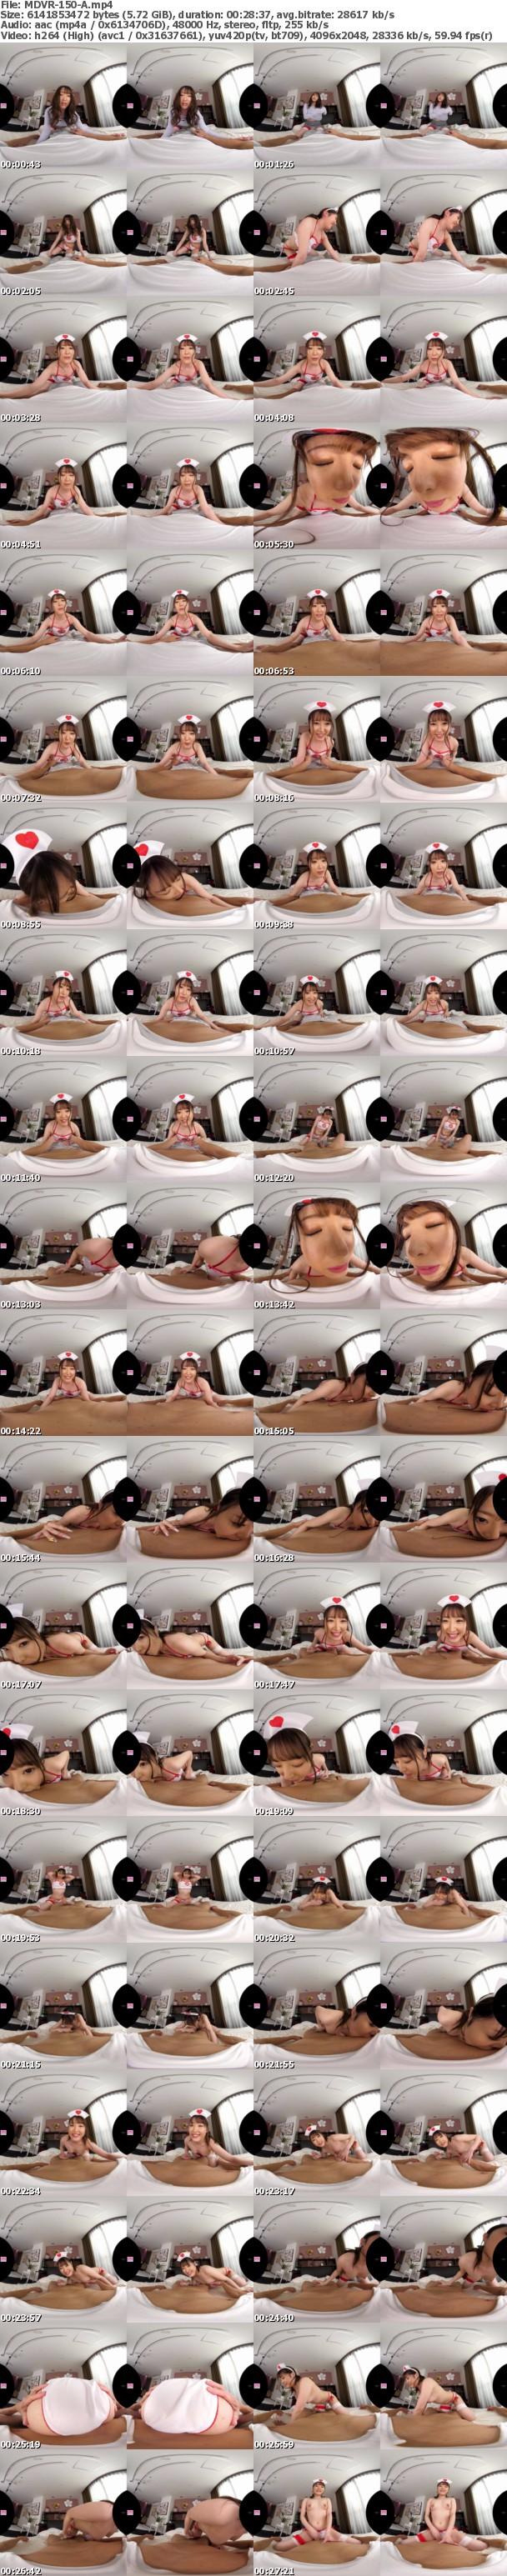 (VR) MDVR-150 ボクのカノジョは、エロカワイイ現役ナースVR 風邪をひいたボクにコスプレ看病SEX!さらに数日後…風邪が伝染ったカノジョと汗だく発散SEX!受け身プレイと責めプレイどちらも気持ちいい!イチャラブ2SEXシチュエーション!! 麻宮わかな